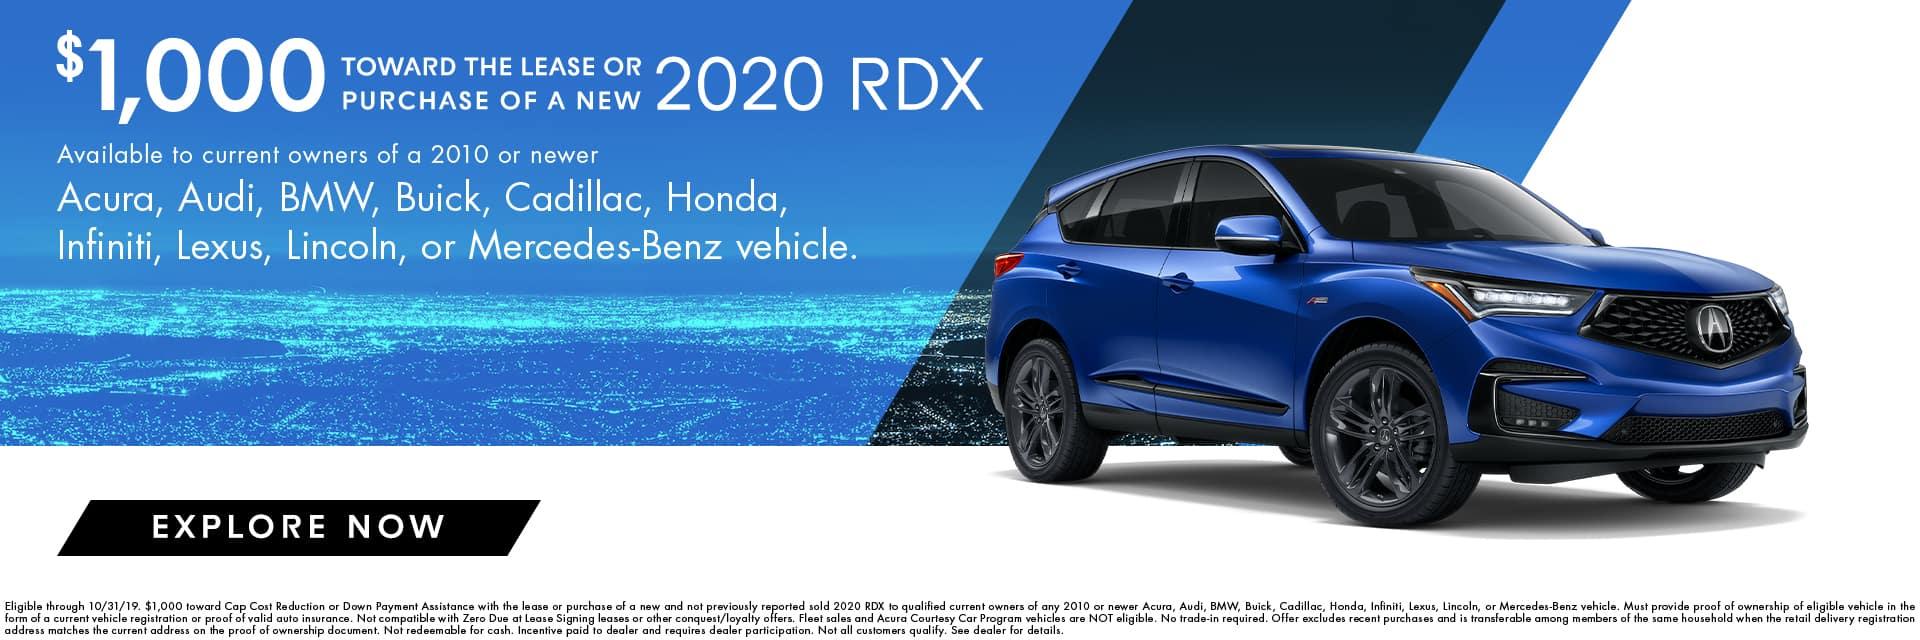 2020 RDX Special - 1920x640